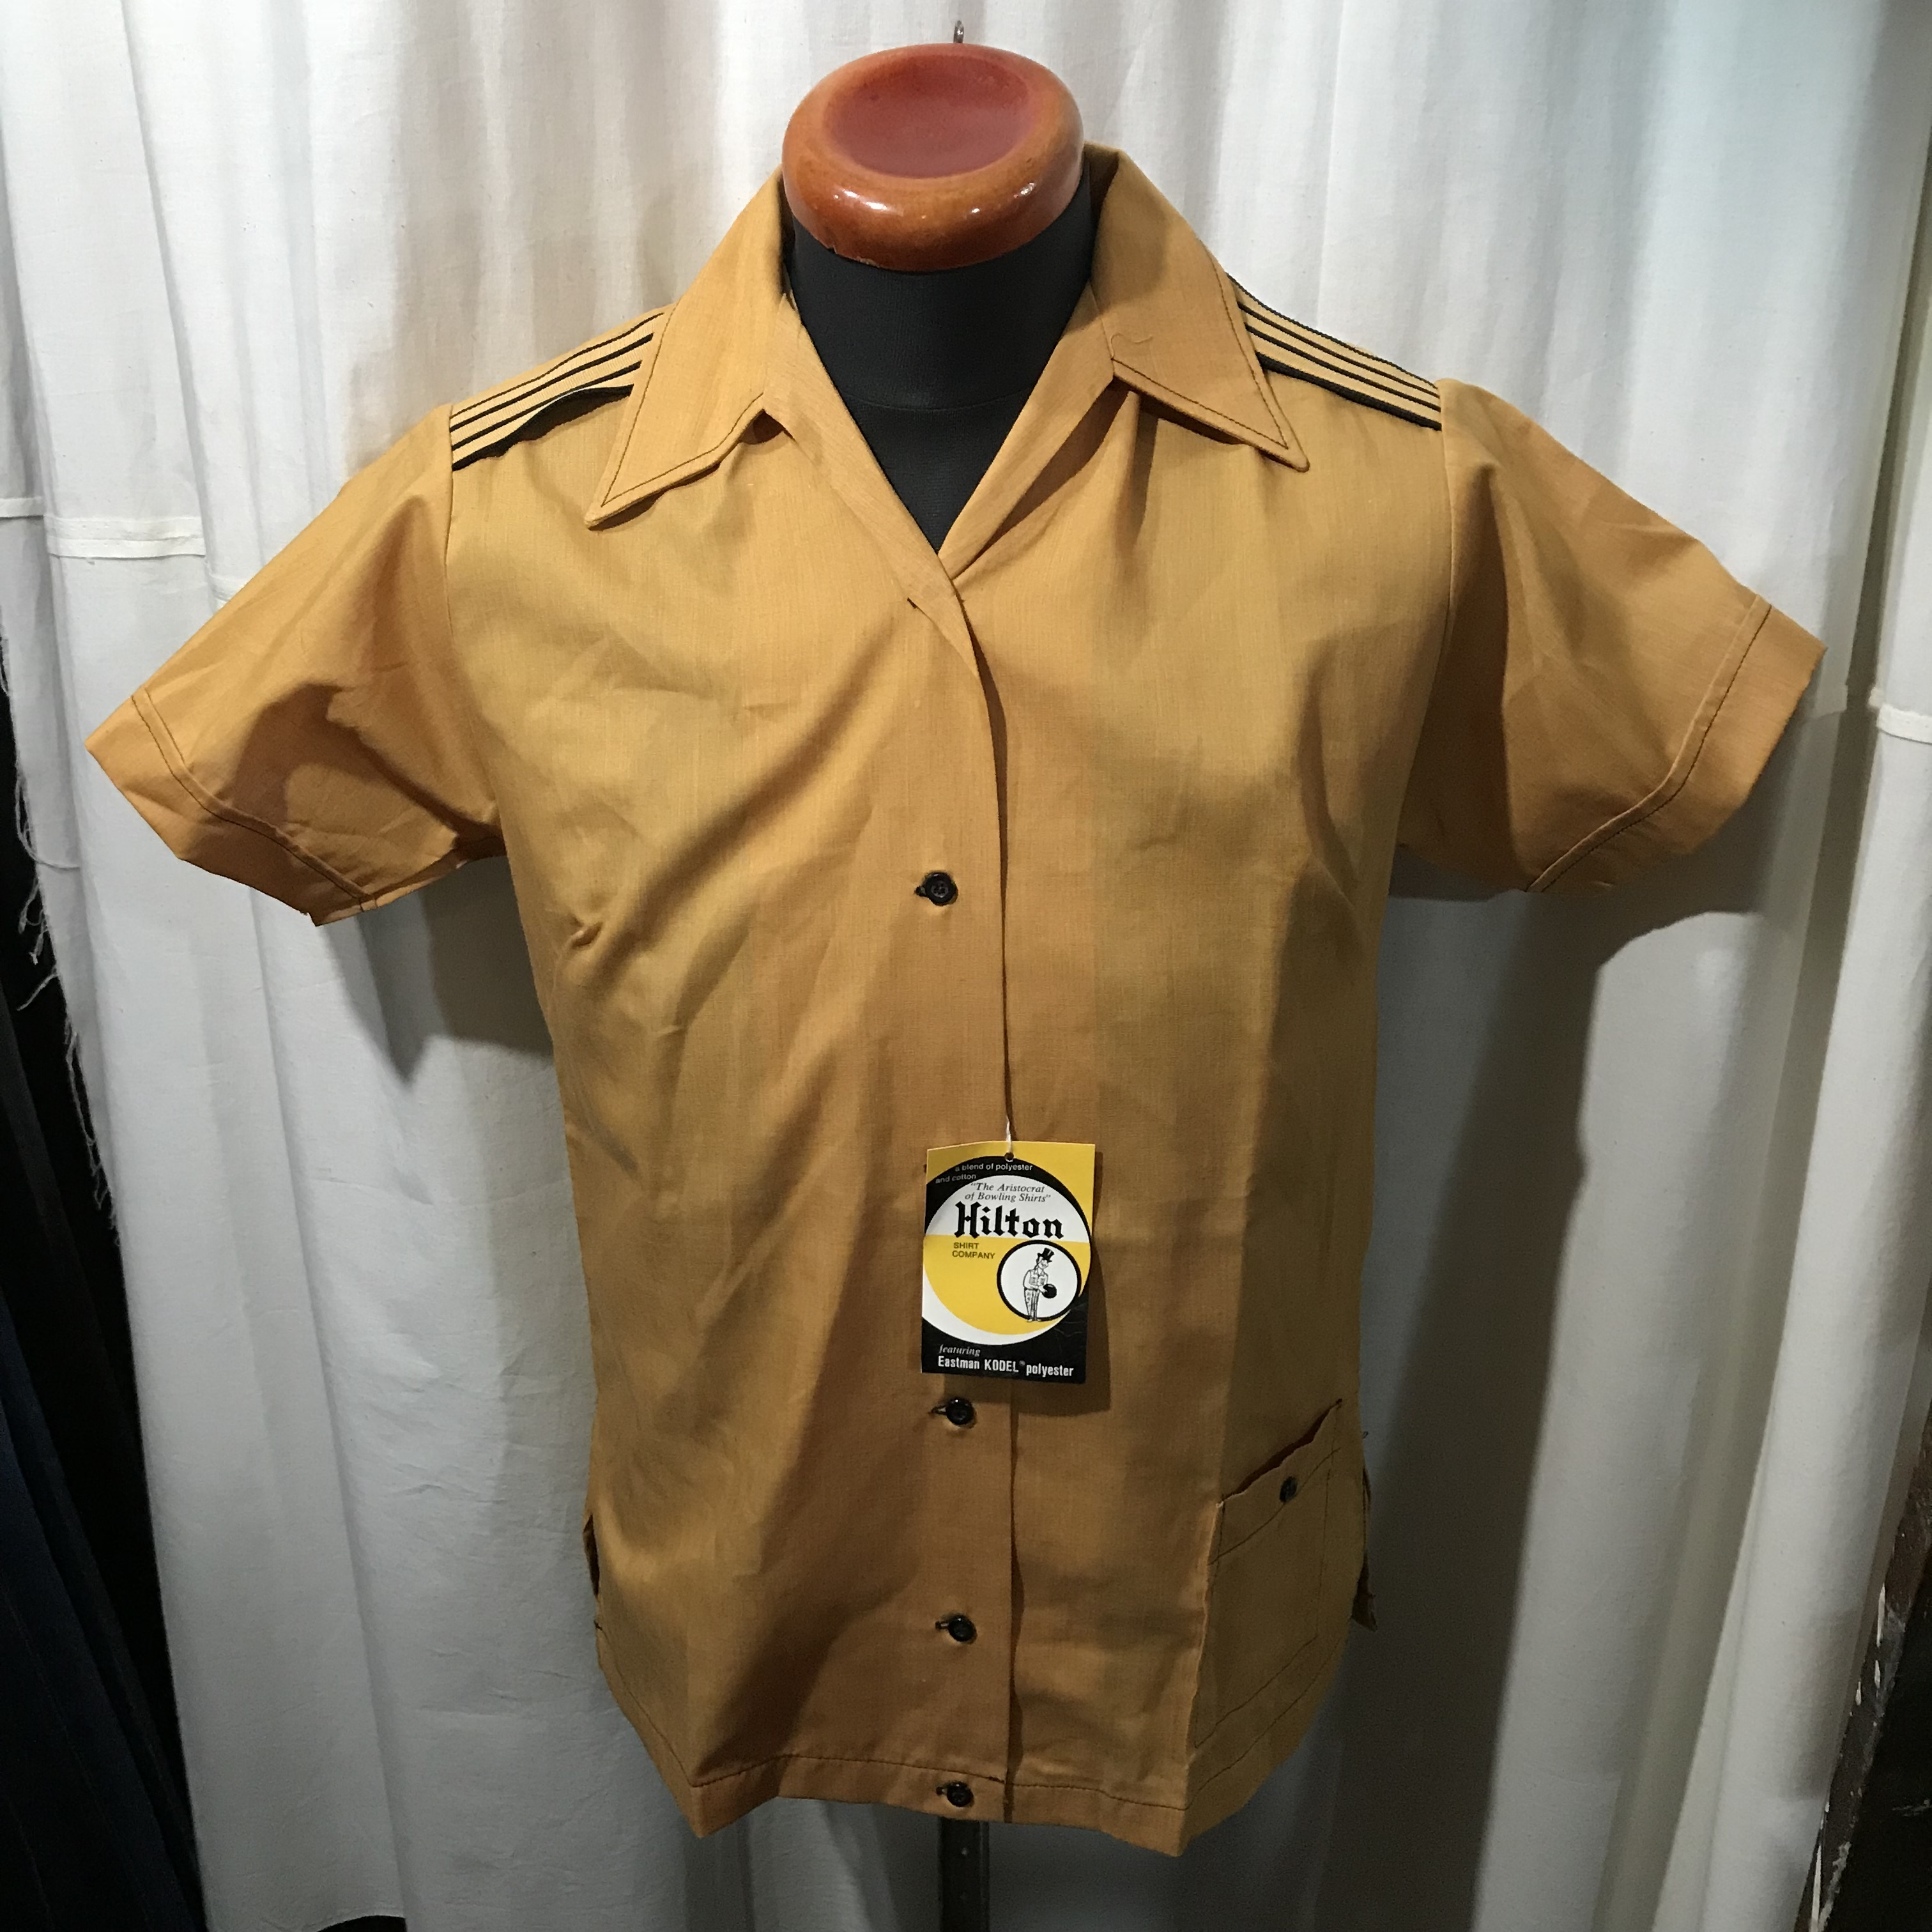 70's vintage Dead Stock Hilton ヒルトン 未使用品 ボウリングシャツ レディース34